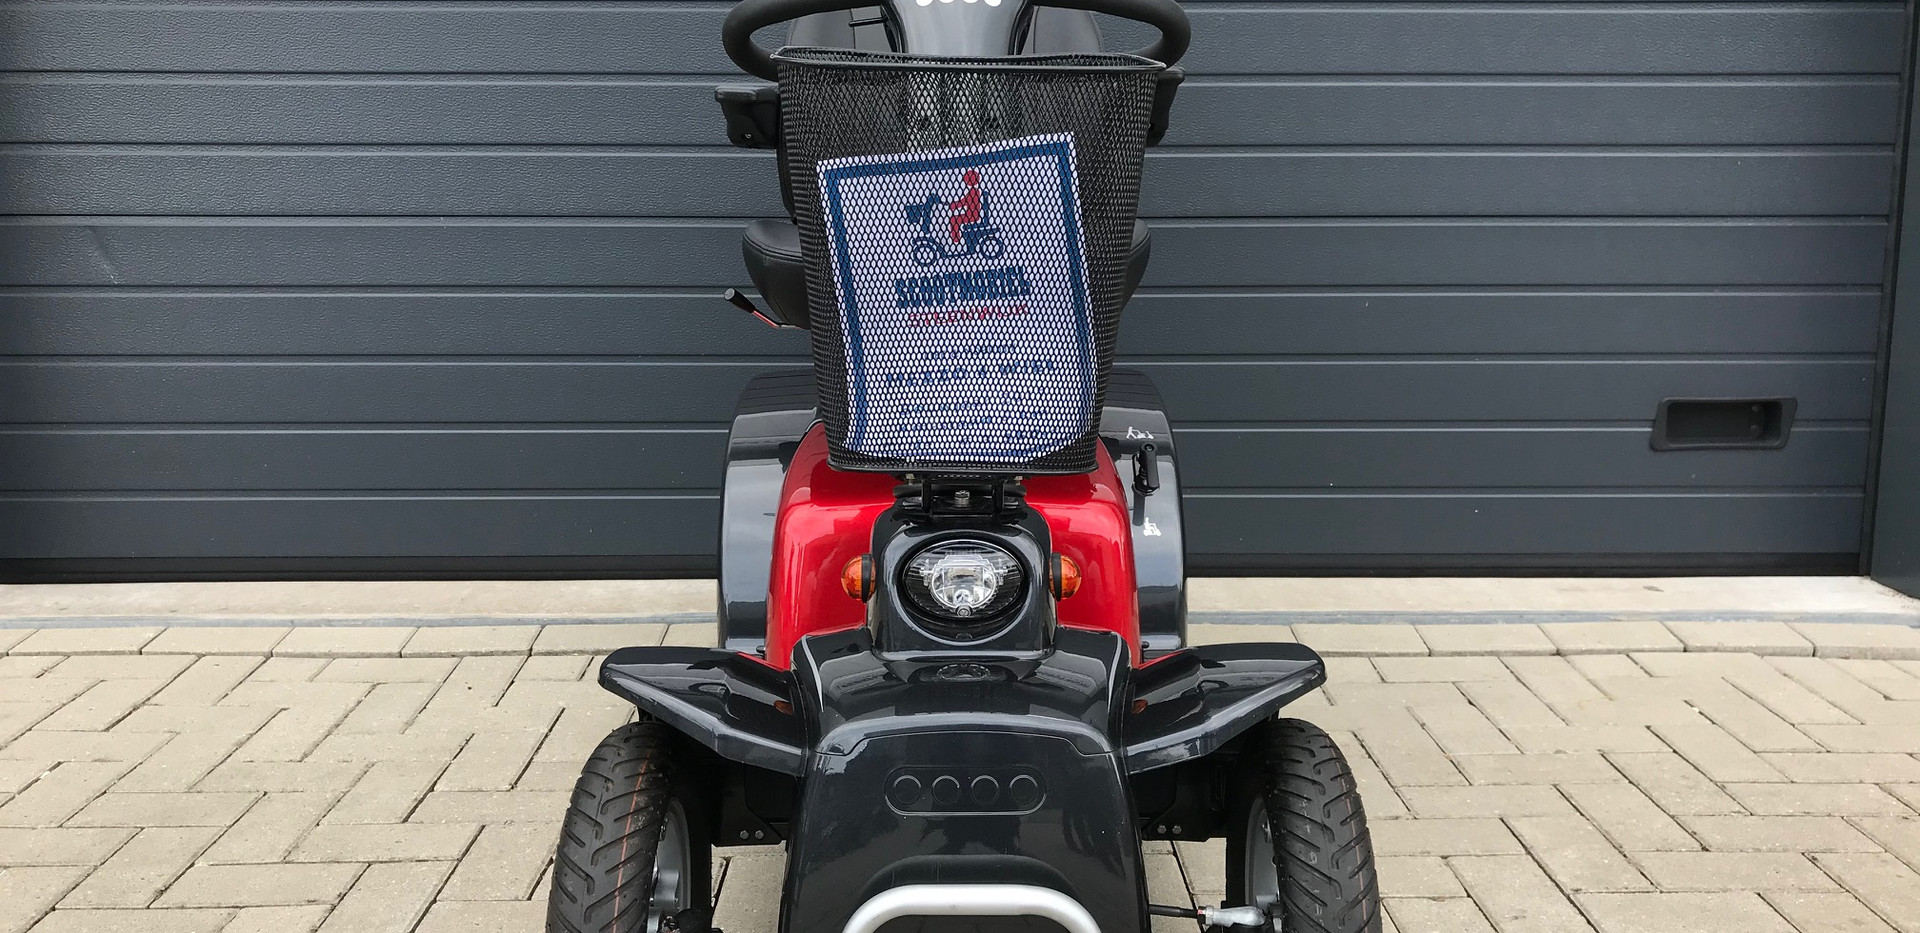 Mezzo rood front Scootmobiel Steenwijk.j